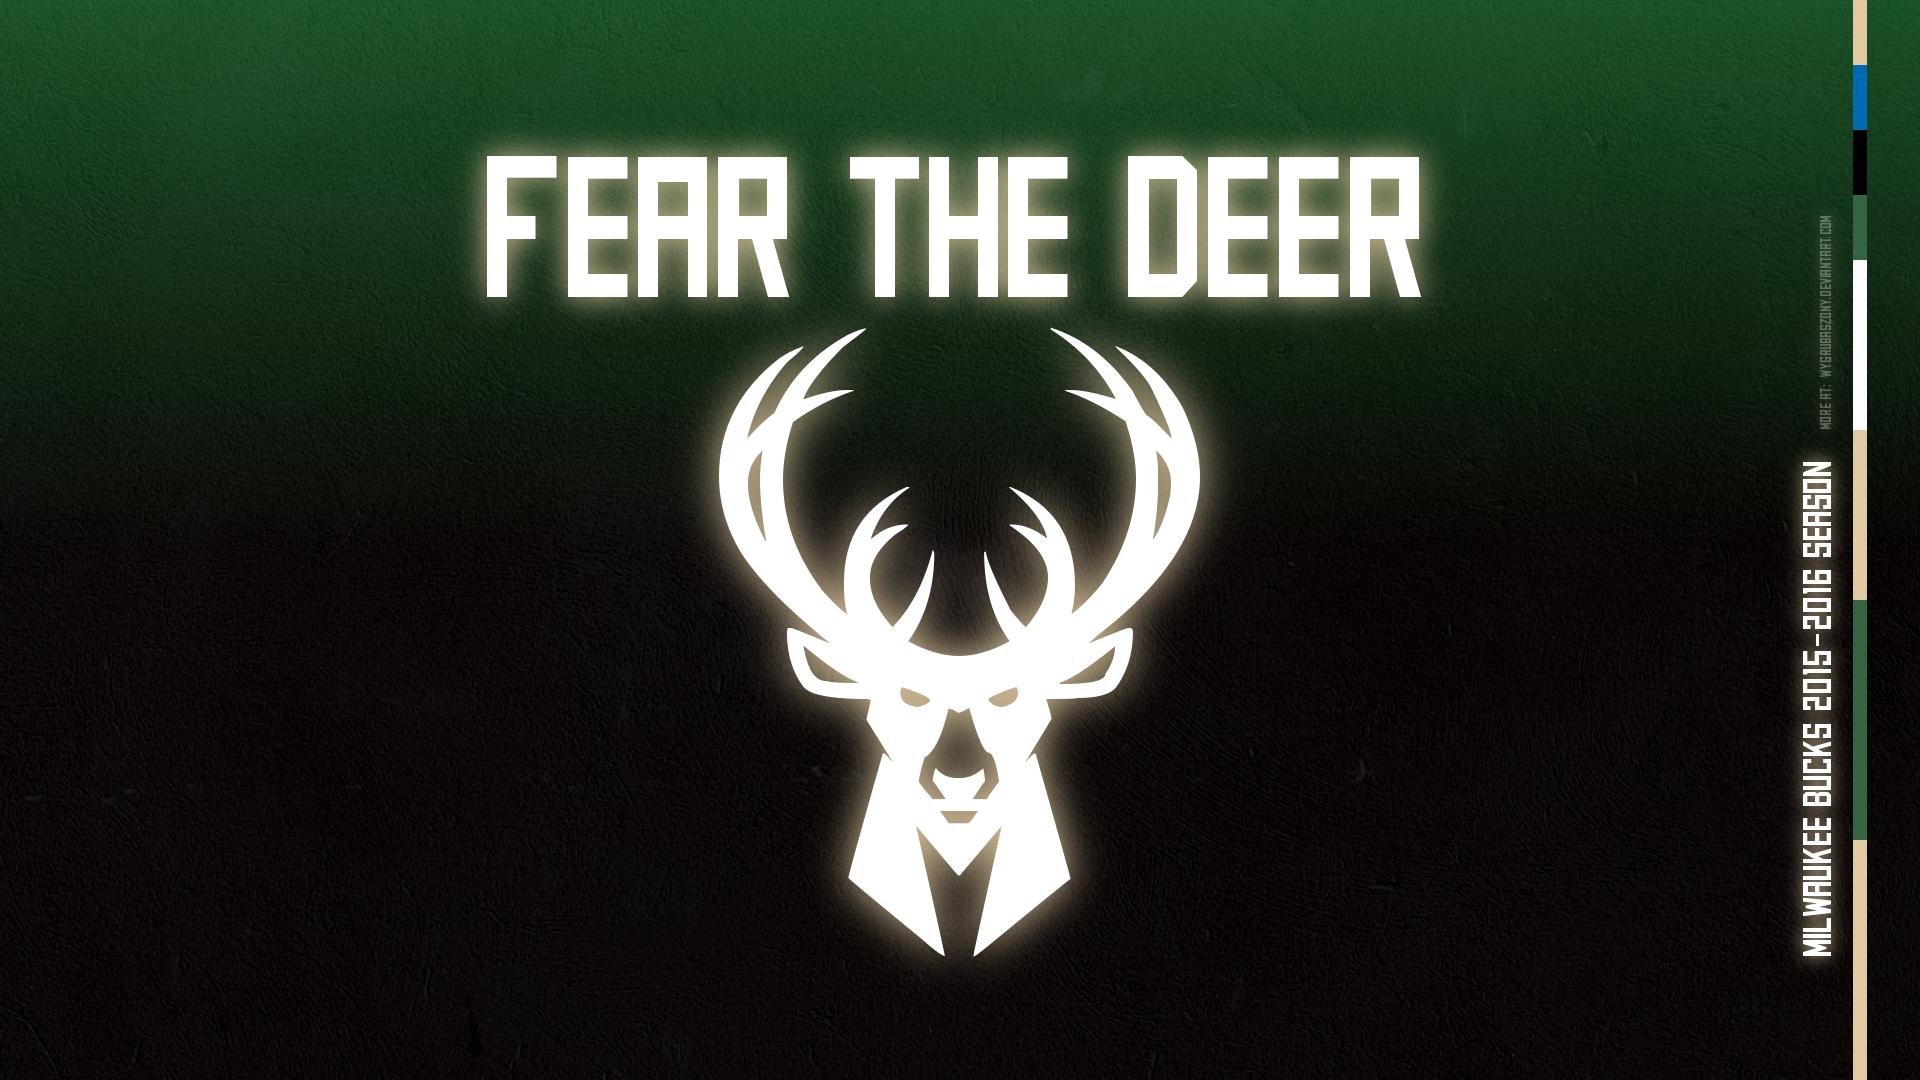 fear the deer by wygrubaszony on deviantart